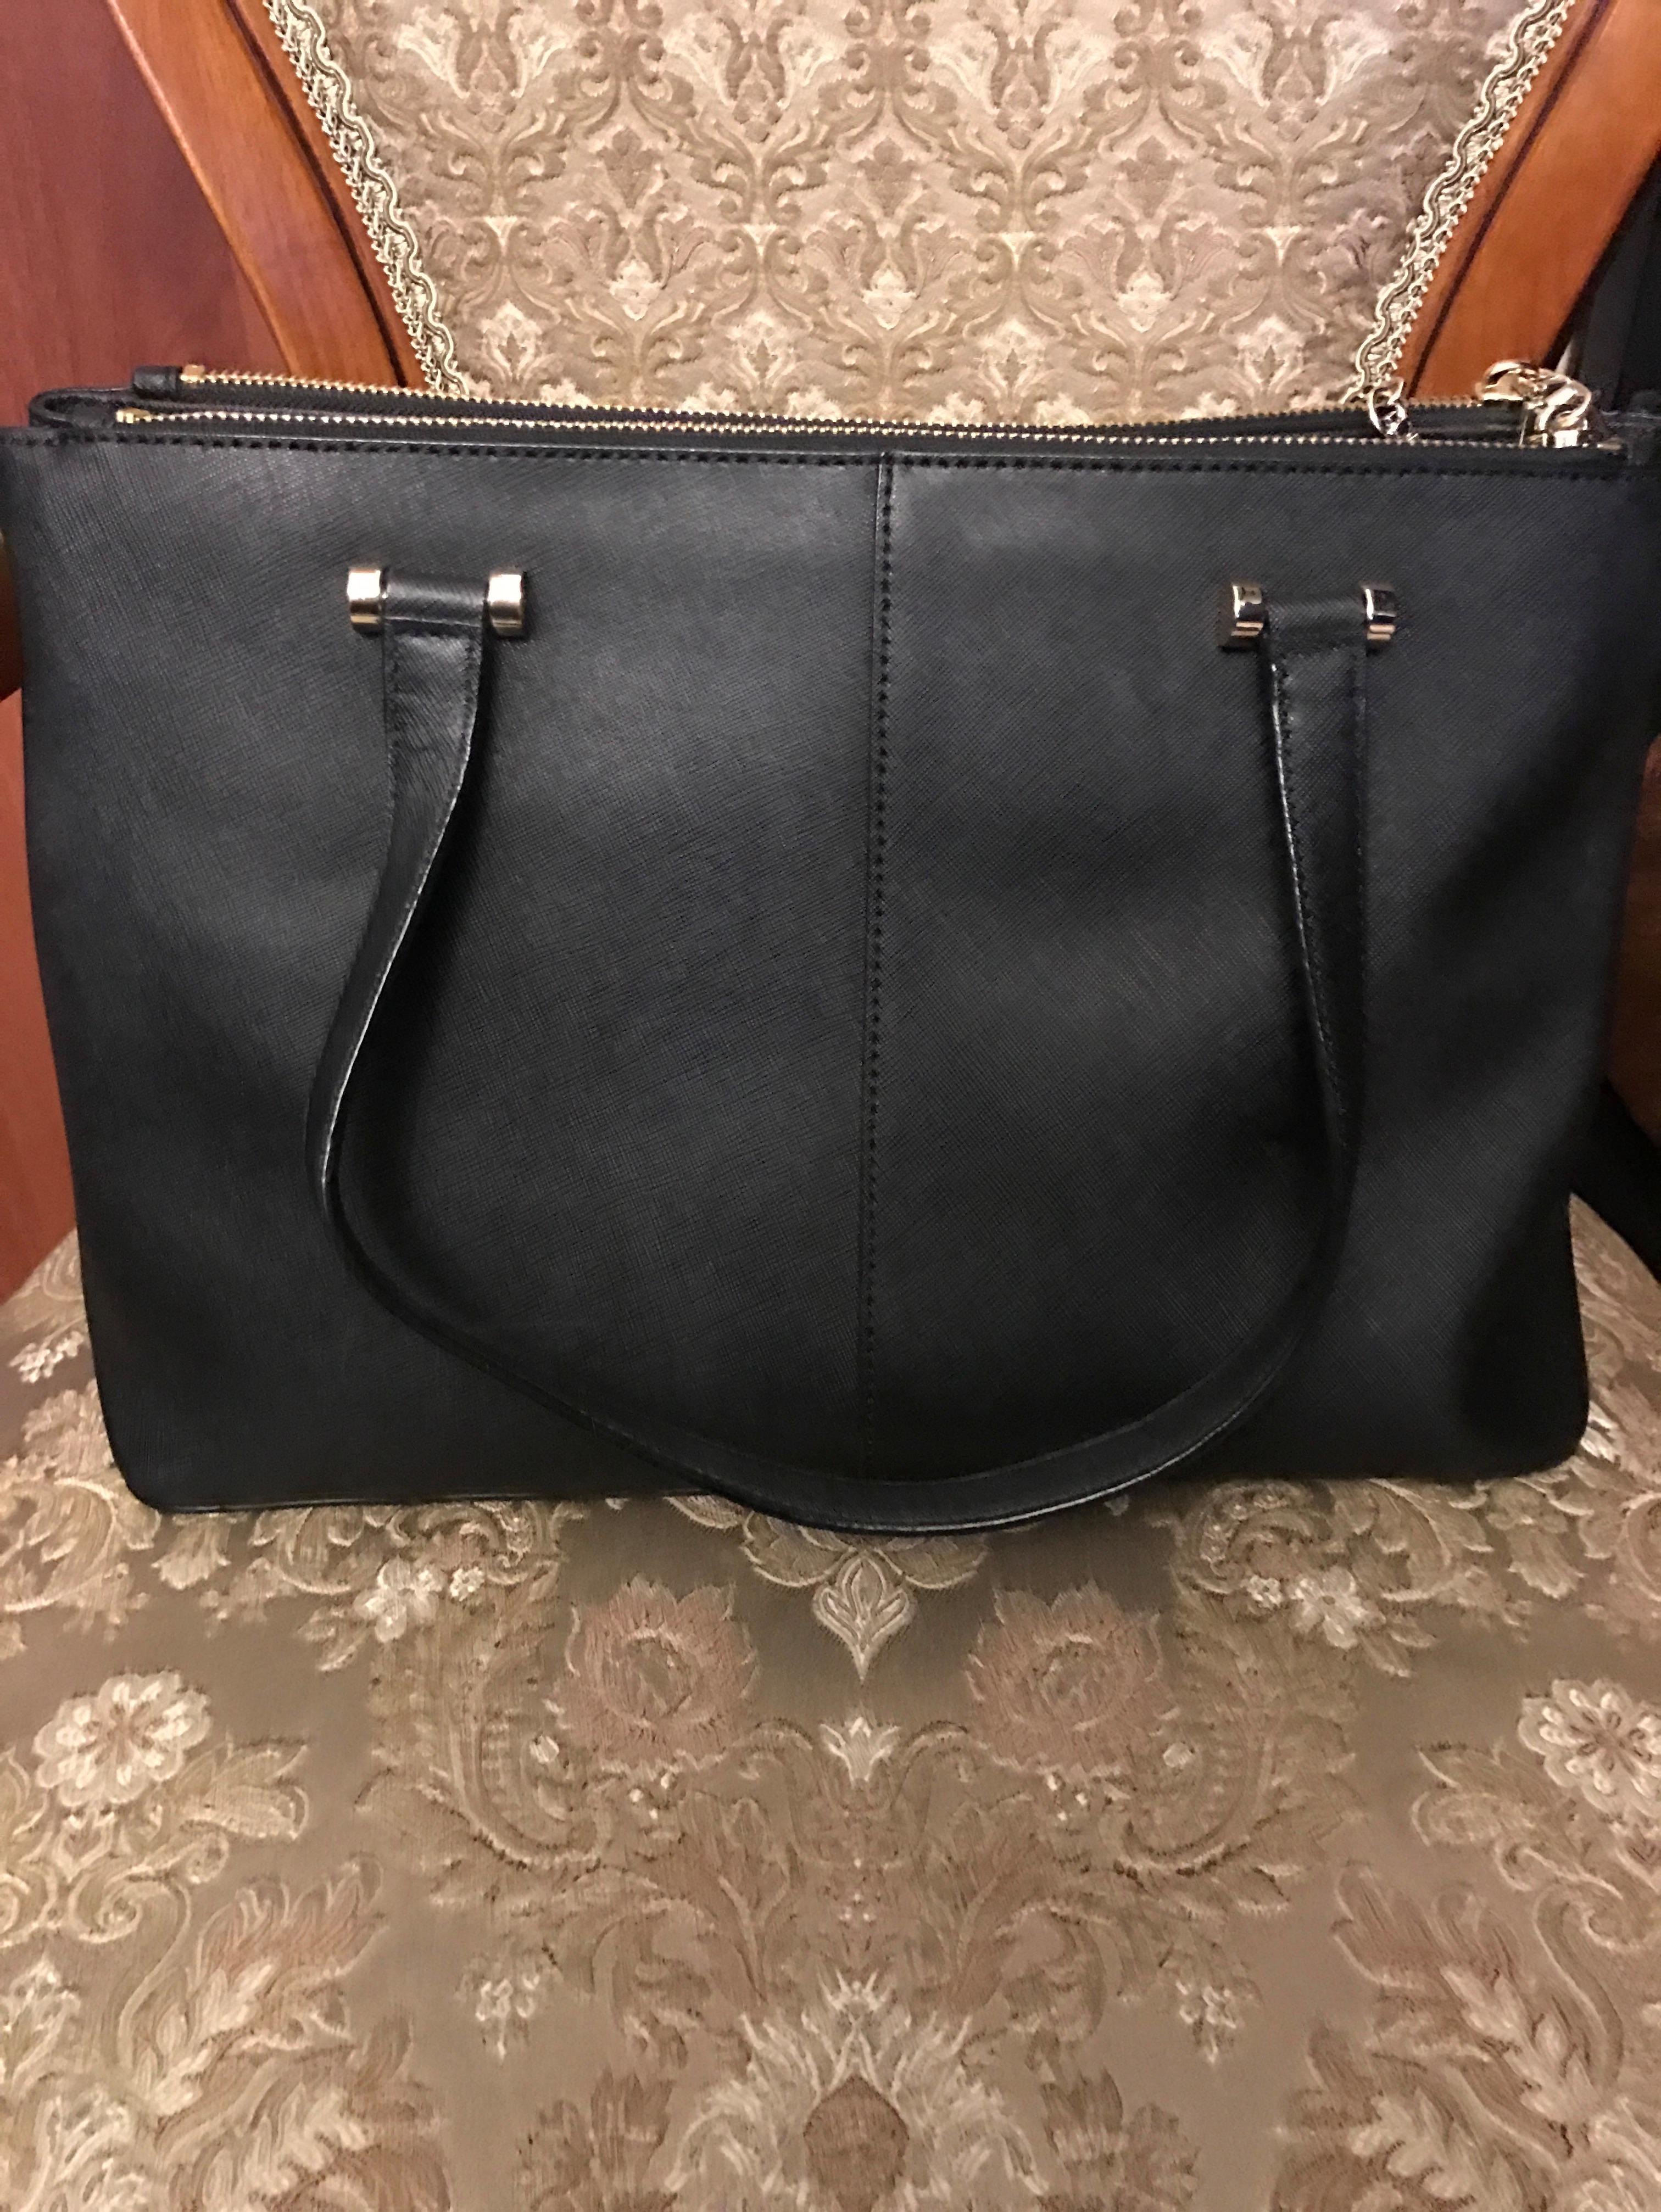 d1a03d85867a Купить среднюю сумку DKNY за 15000 руб. в интернет магазине - бутике ...